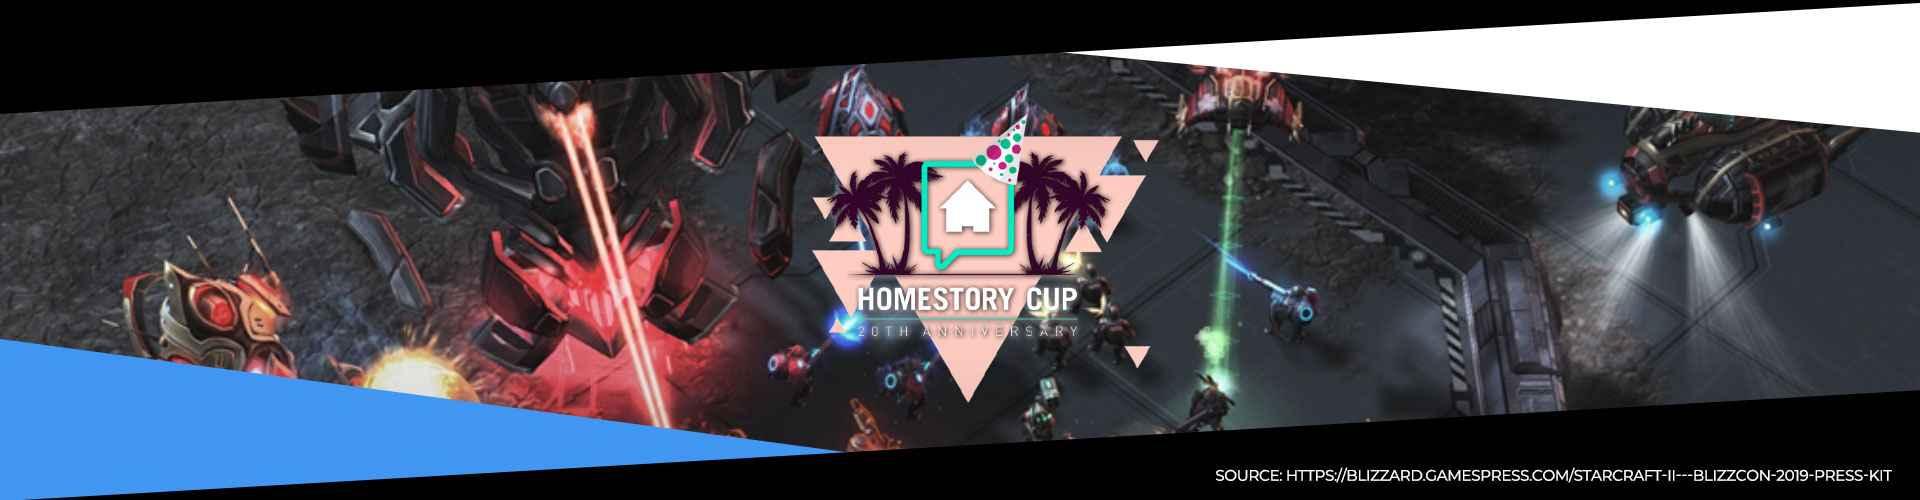 Denna eventsida för HomeStory Cup XX innehåller all information du behöver.